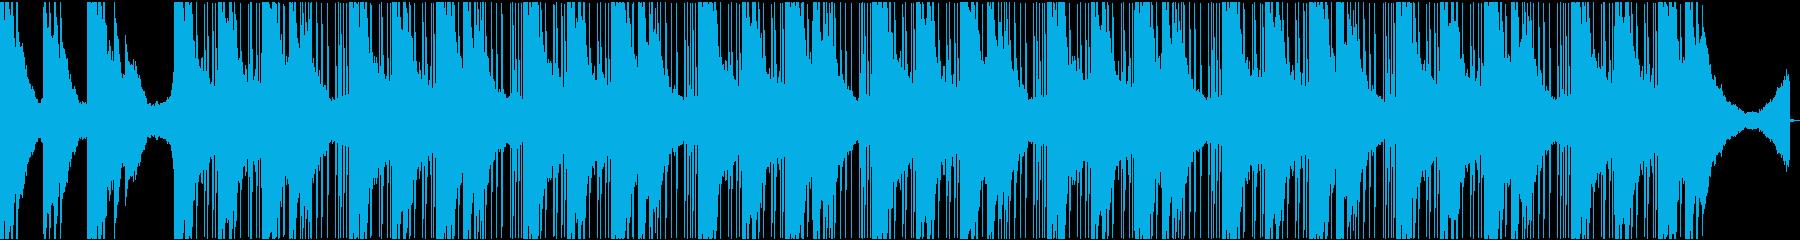 孤独でやり場のない悲しさ(ピアノ+ドラムの再生済みの波形